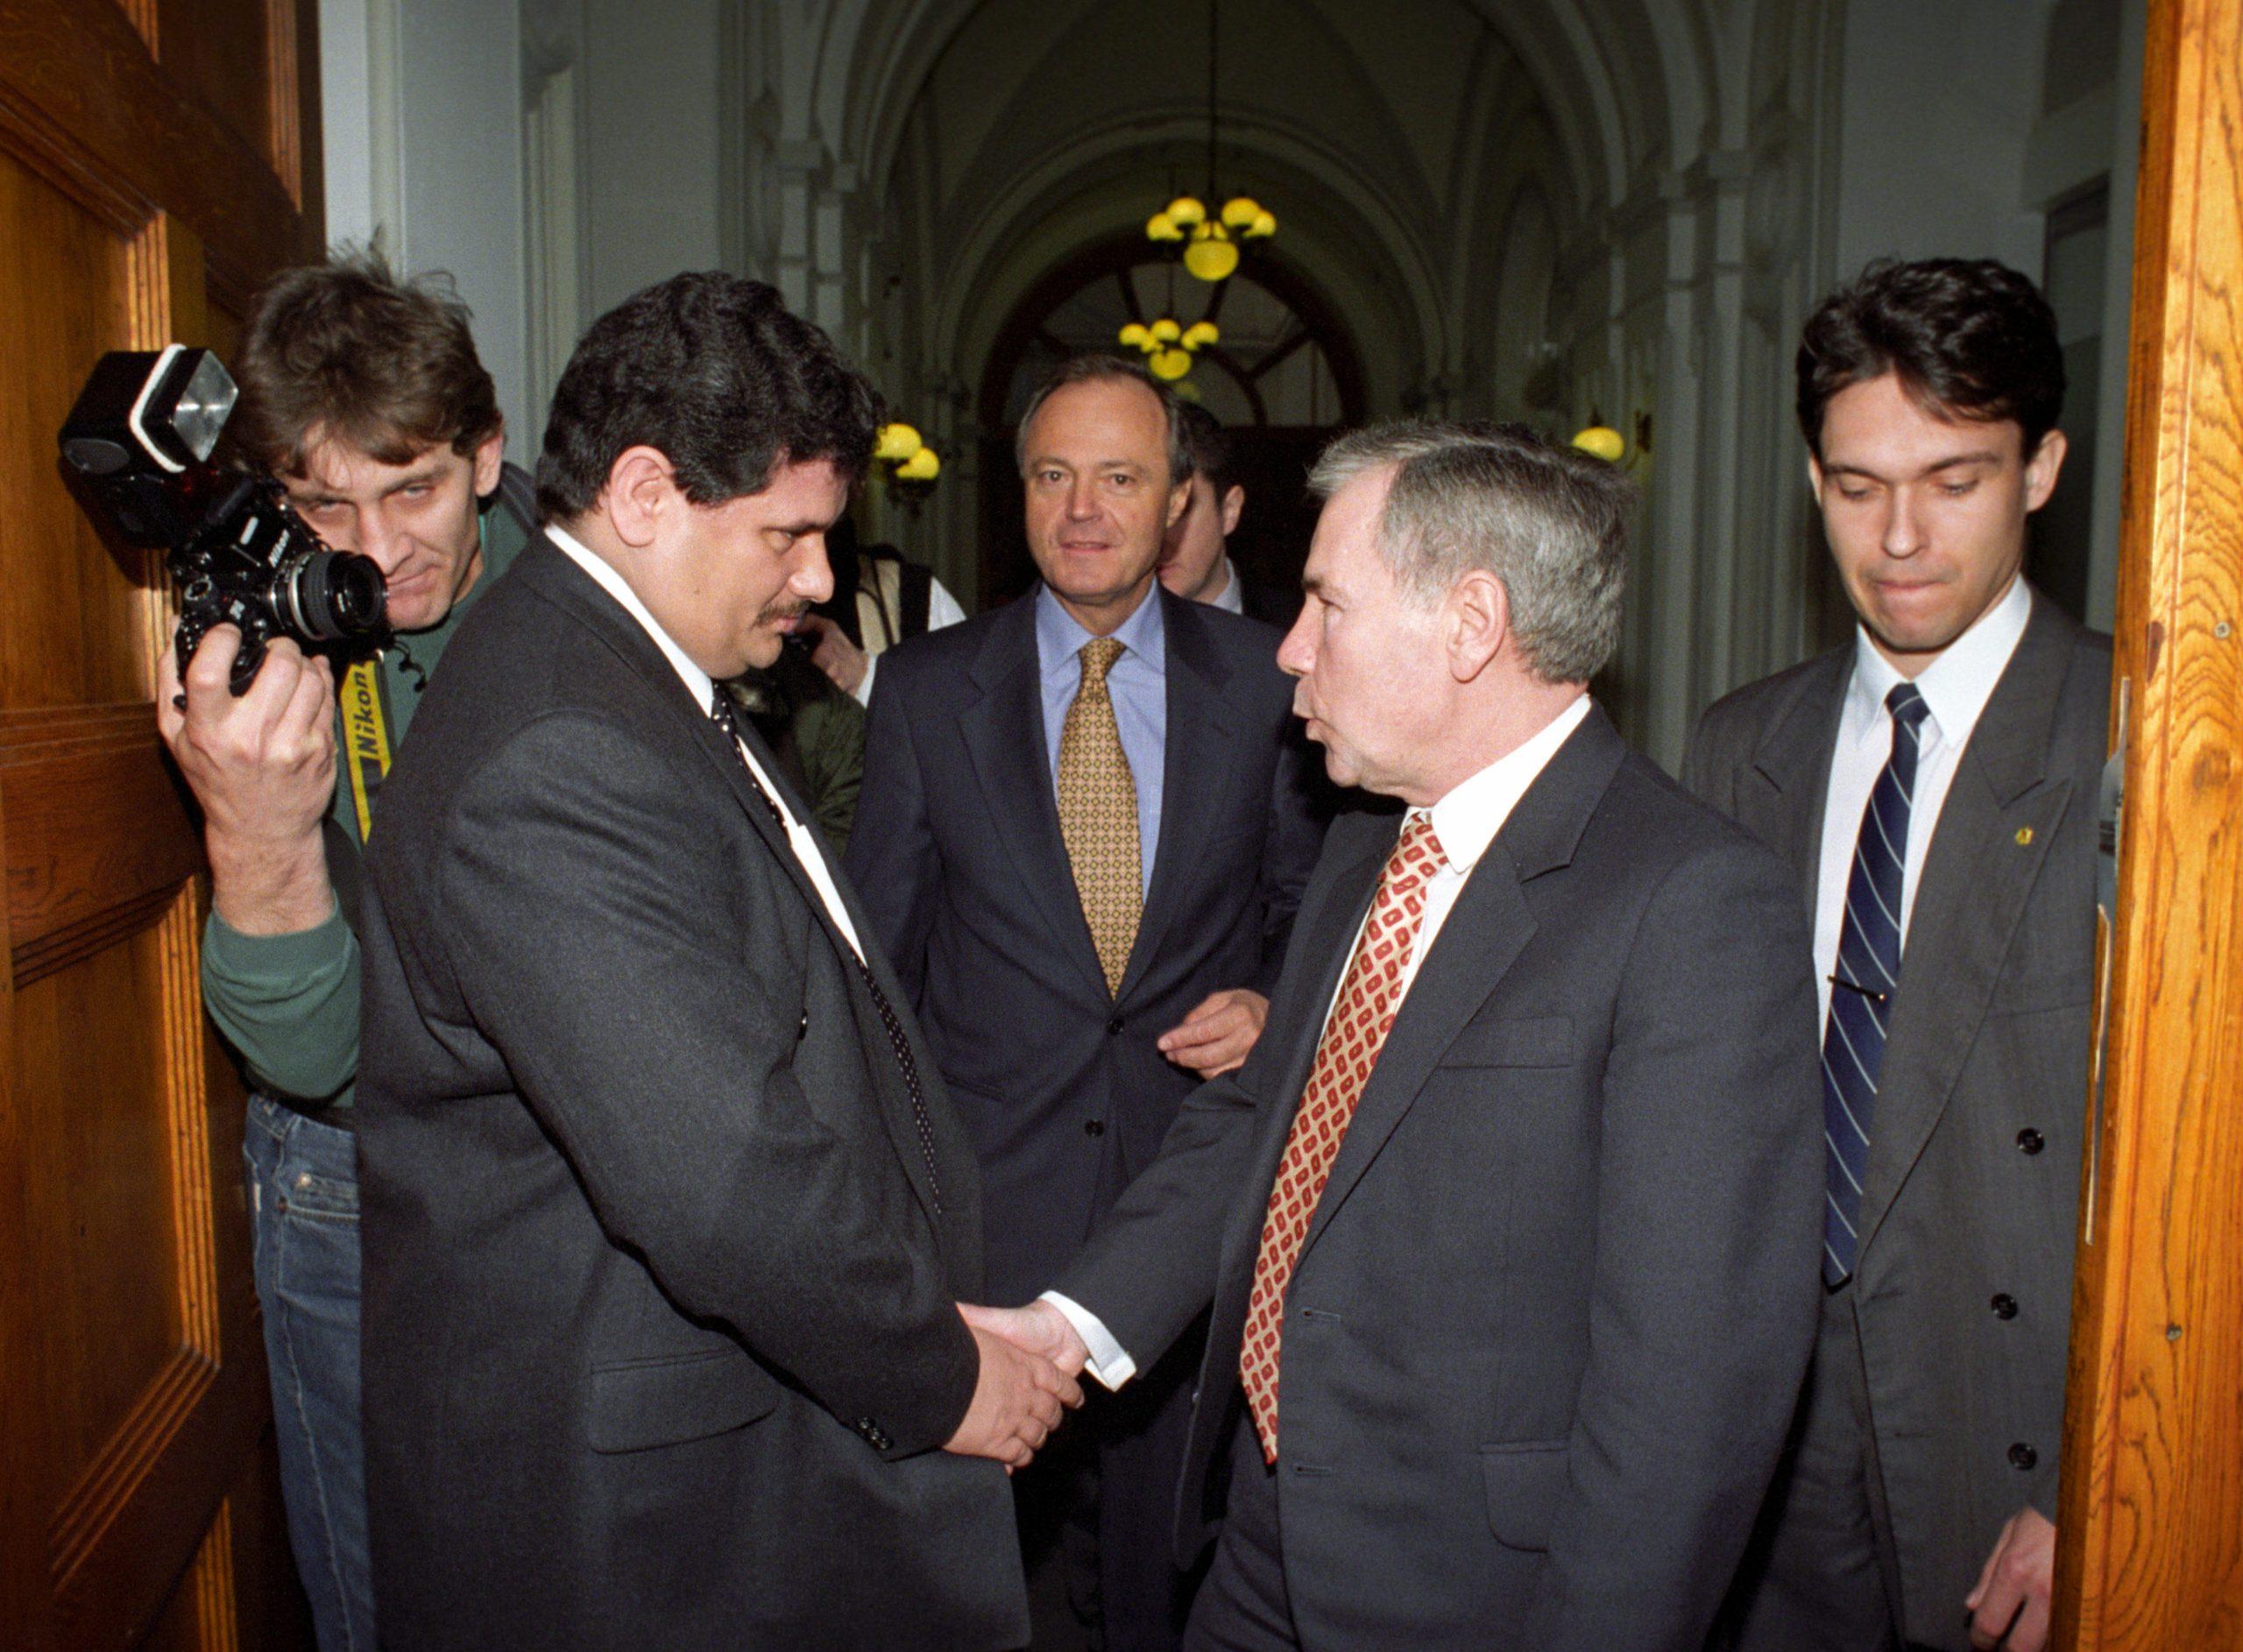 Fantasztikus csapat: Horn Gyula miniszterelnök (j2) kezet fog Princz Gáborral. Középen Medgyessy Péter / Fotó: MTI